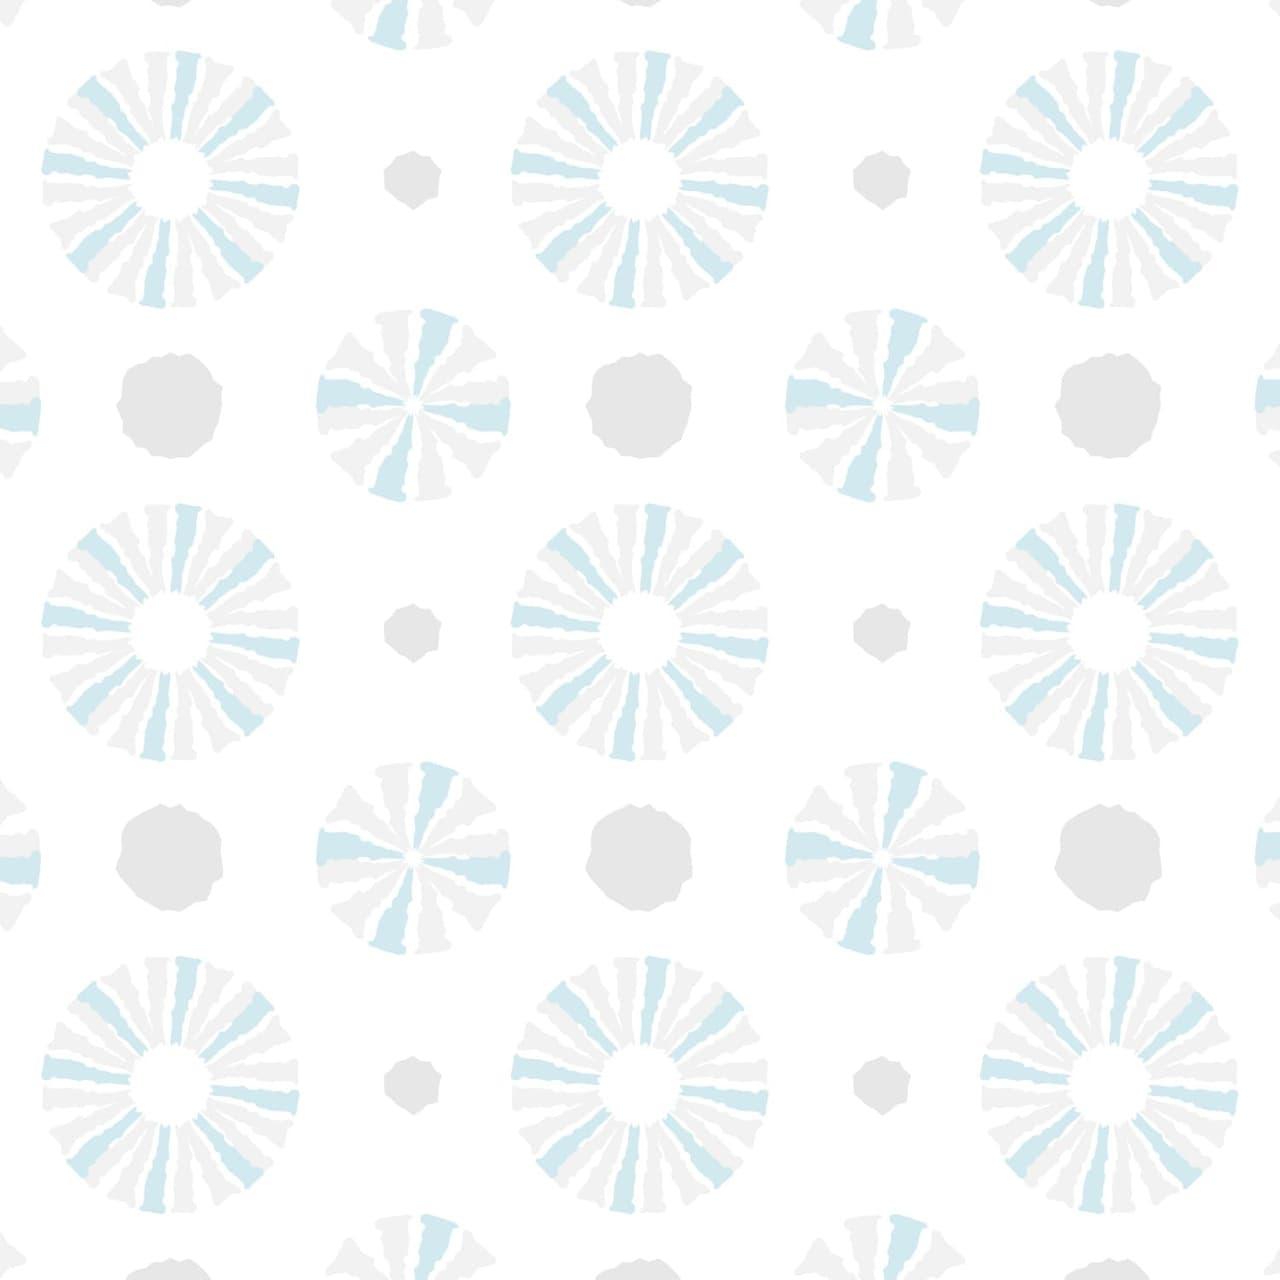 淡いブルーとグレーを使ったラフな円のラッピング素材